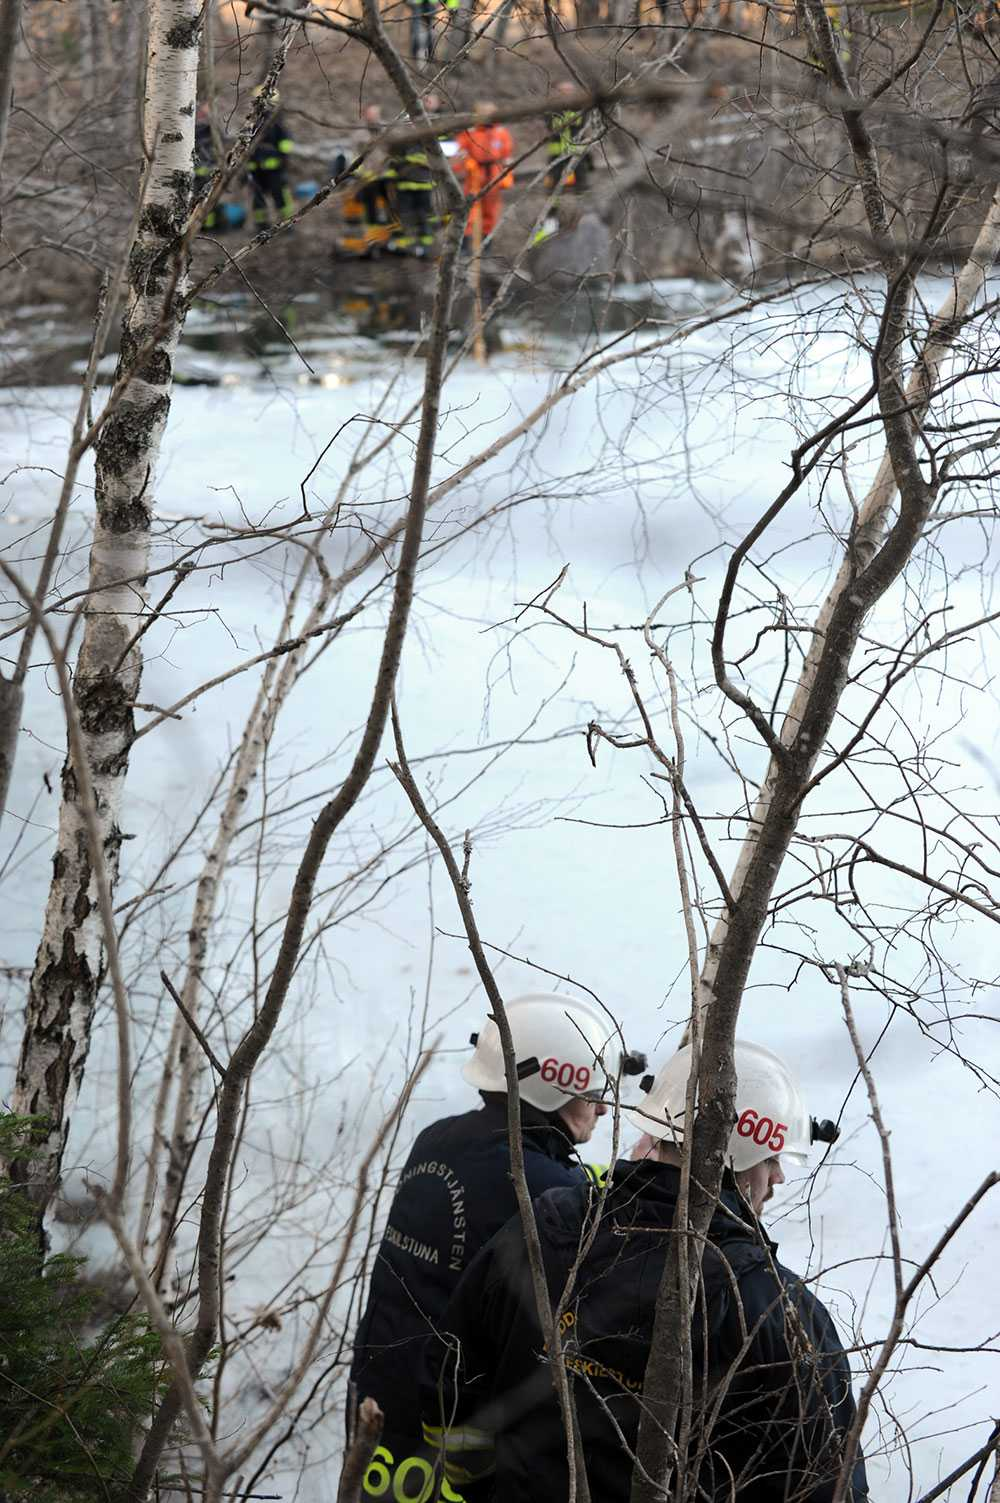 Två dykare i 25-årsåldern dog i kalkbrottet norr om Bondöknasjön i Södermanland.